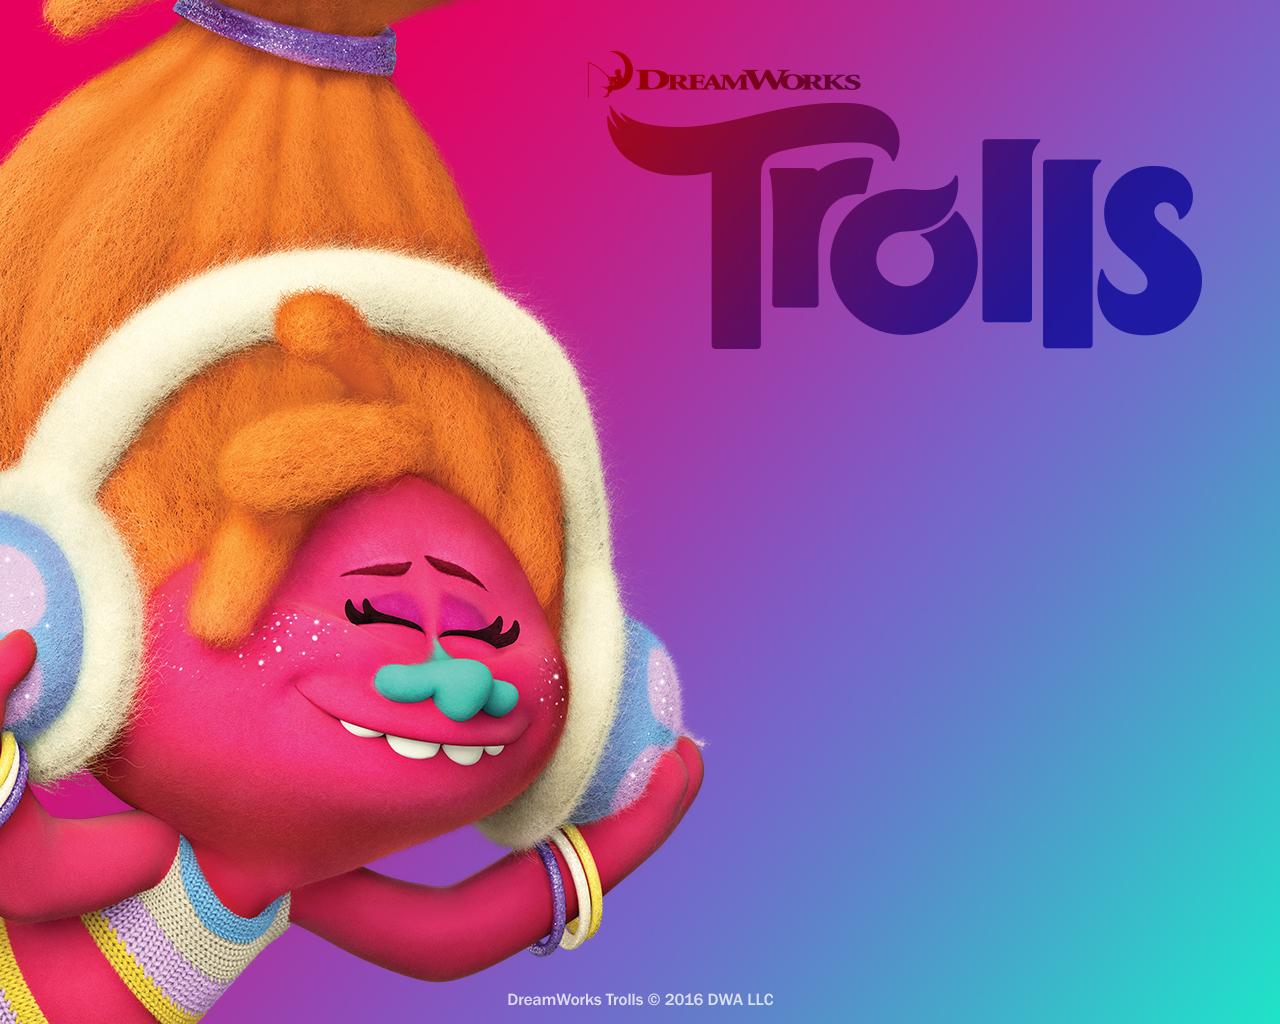 Trolls Hd Wallpaper Posted By Ryan Peltier